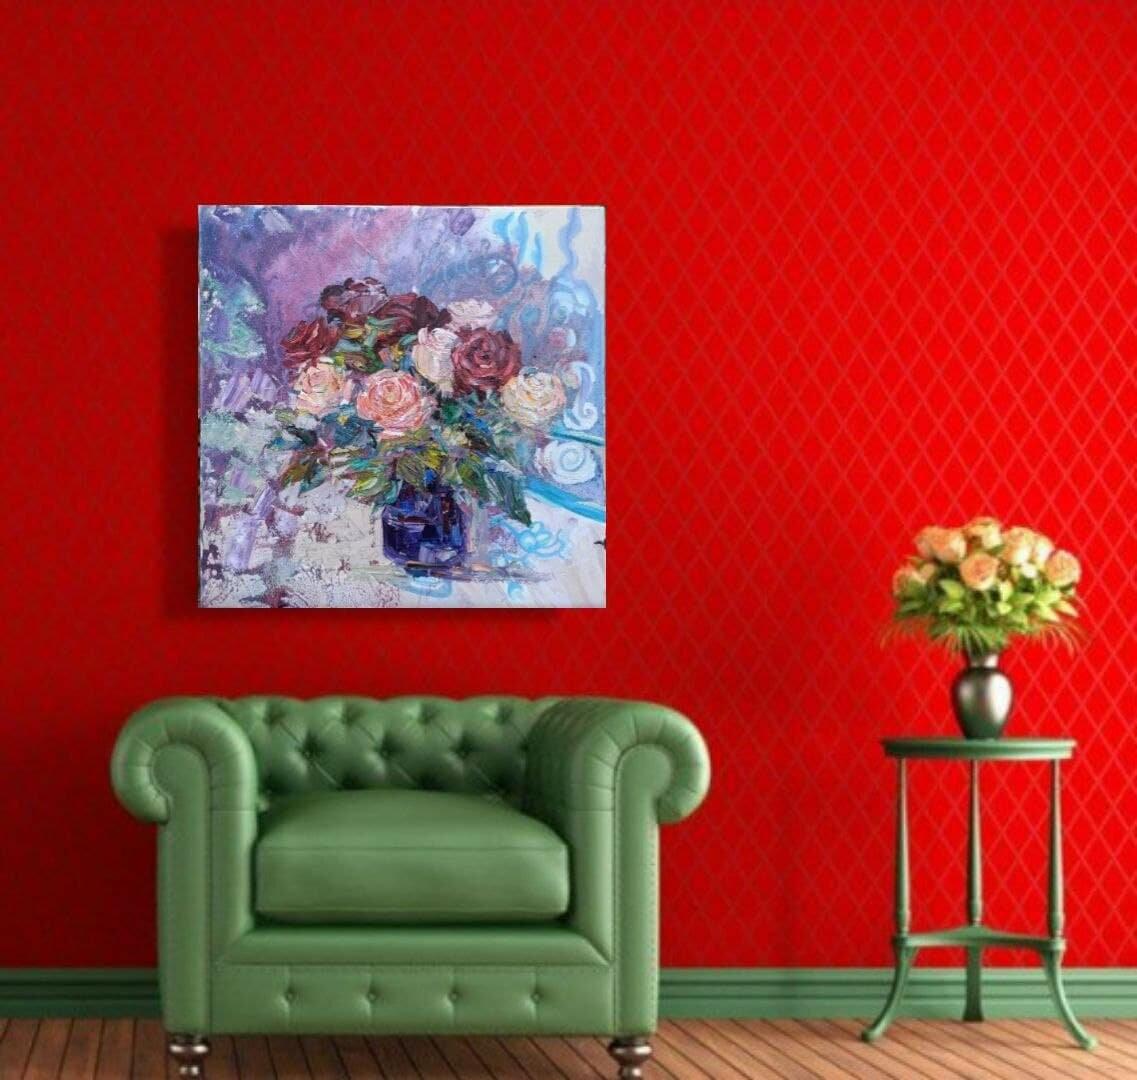 Продаж картин, галерея Браво ART, фото-11